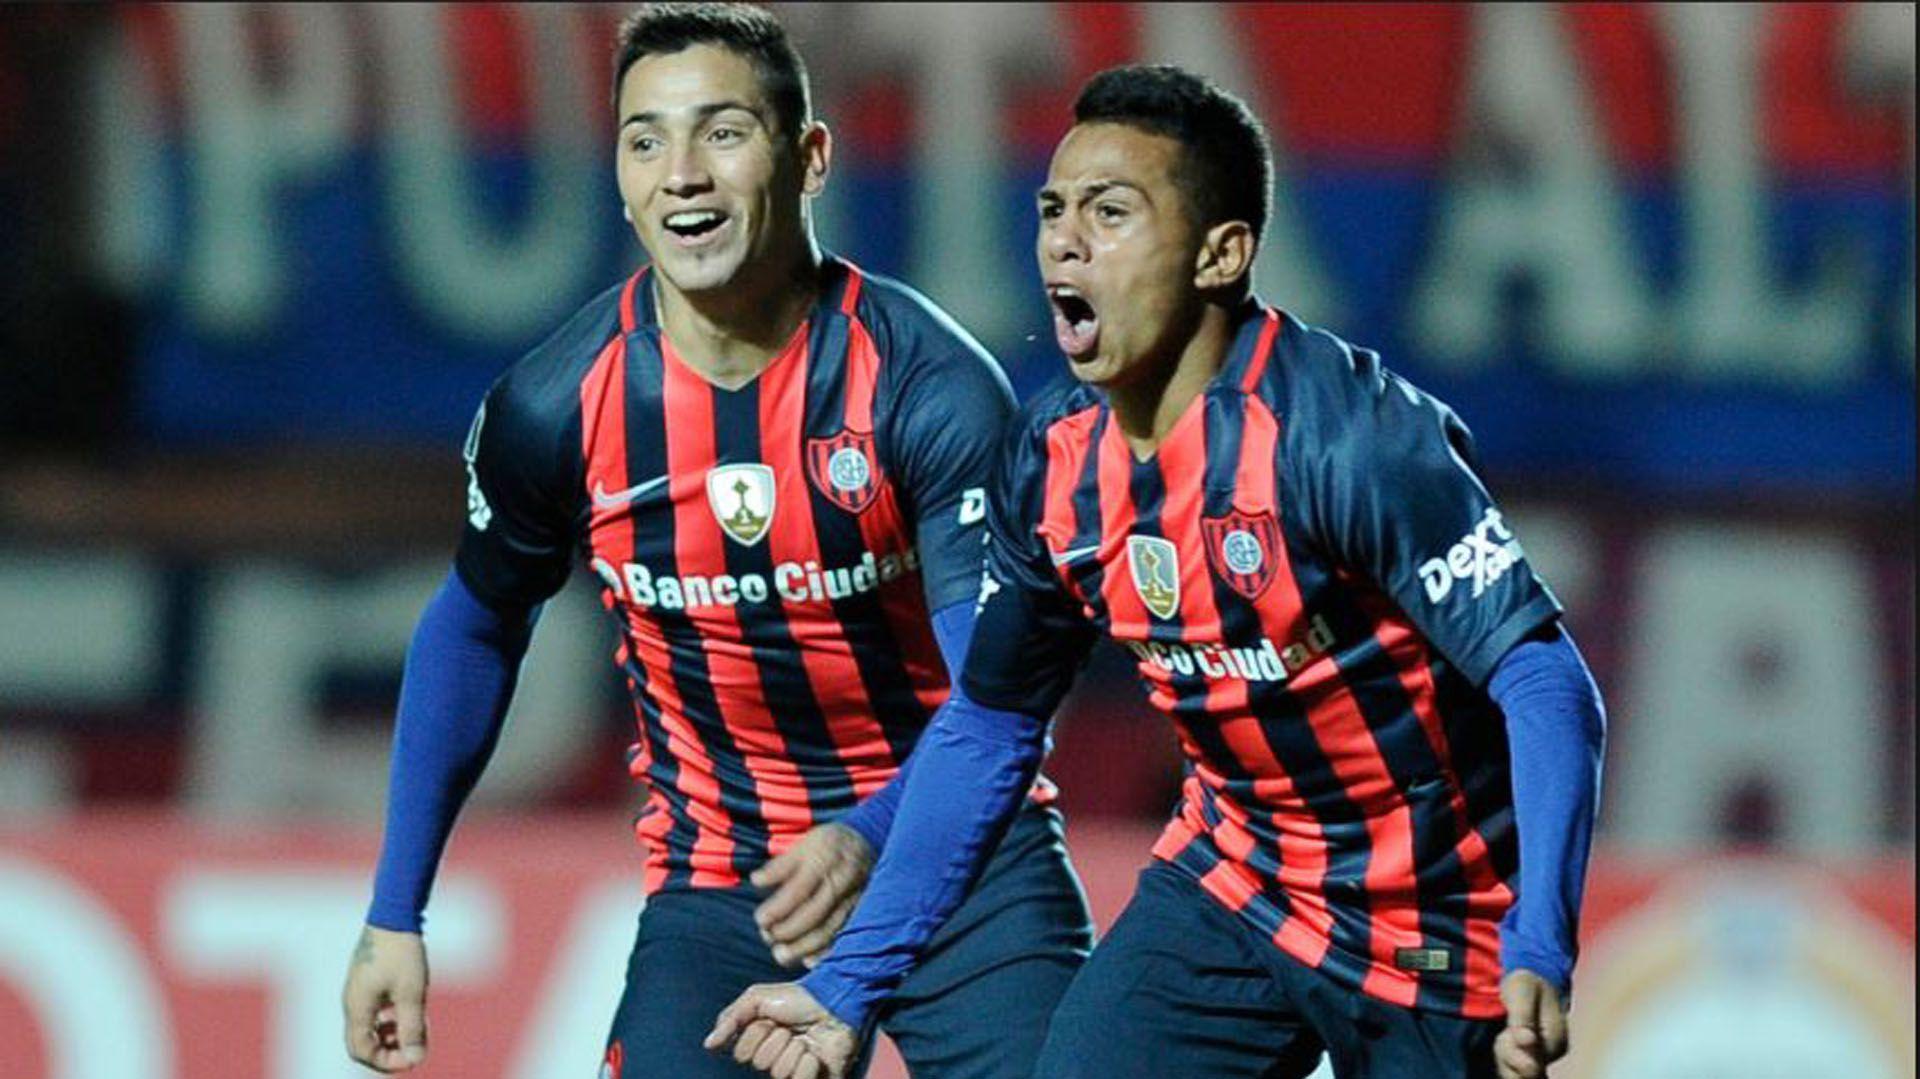 El Perrito debutó en el 2017 en San Lorenzo y acumula desde entonces 5 goles como profesional